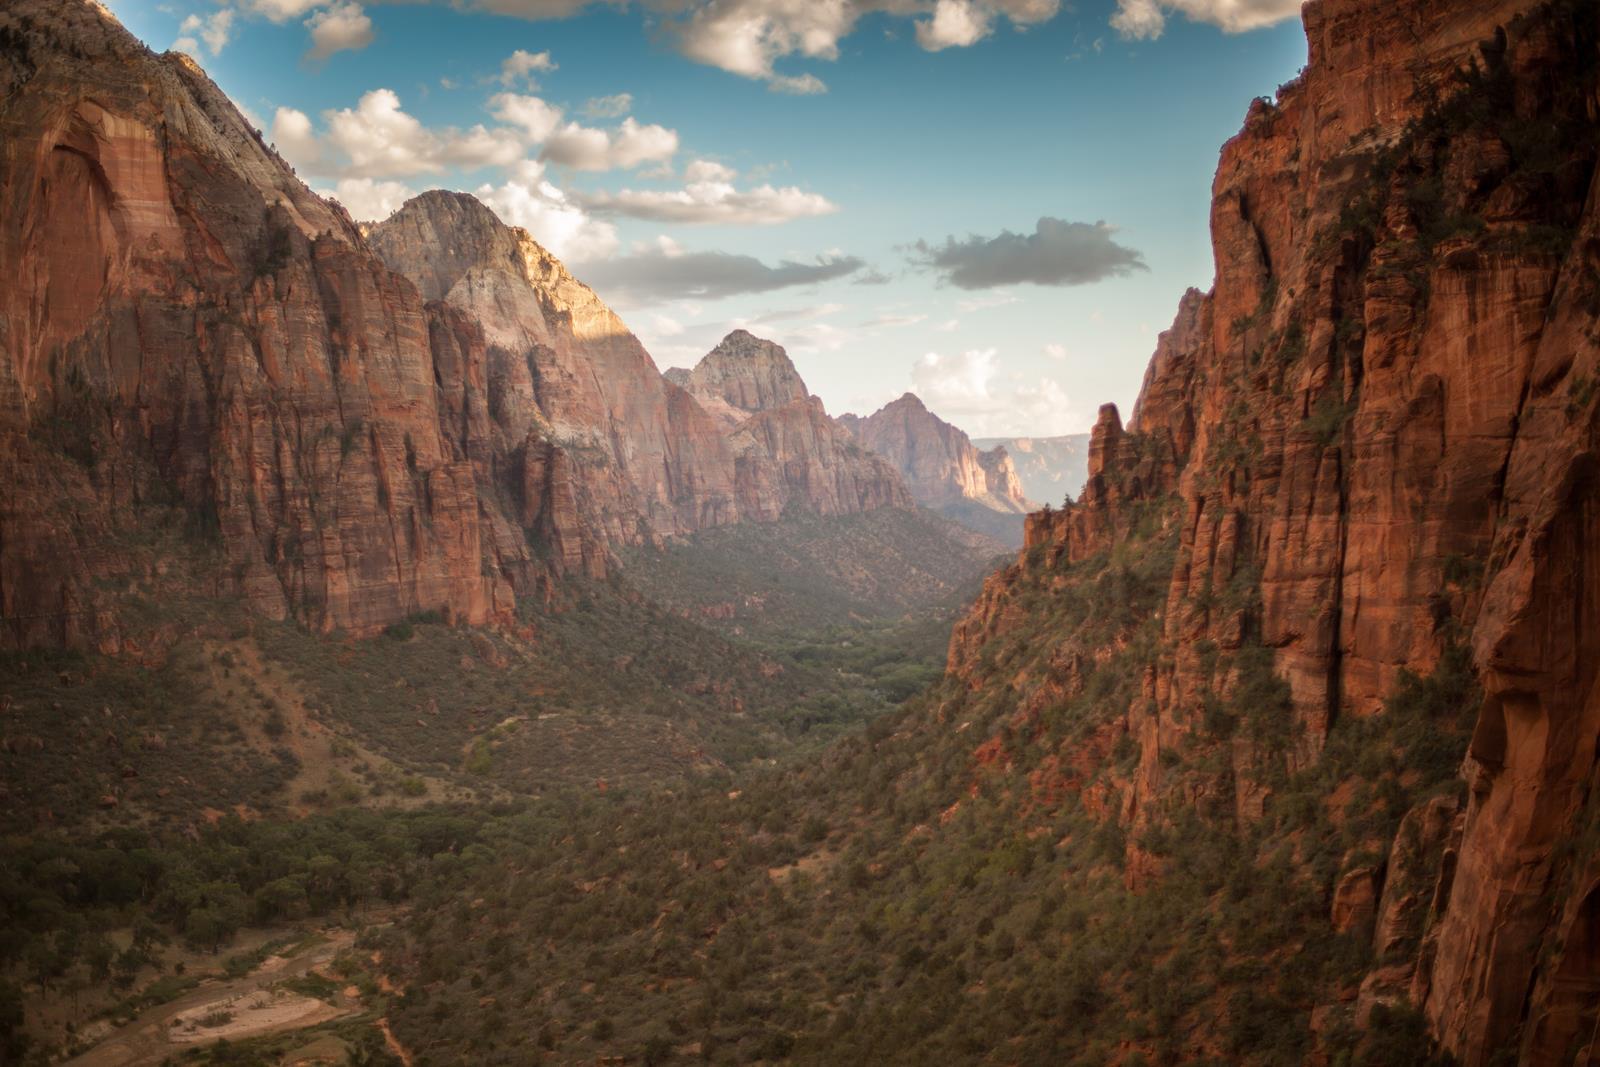 Zion national park climbing cliffs